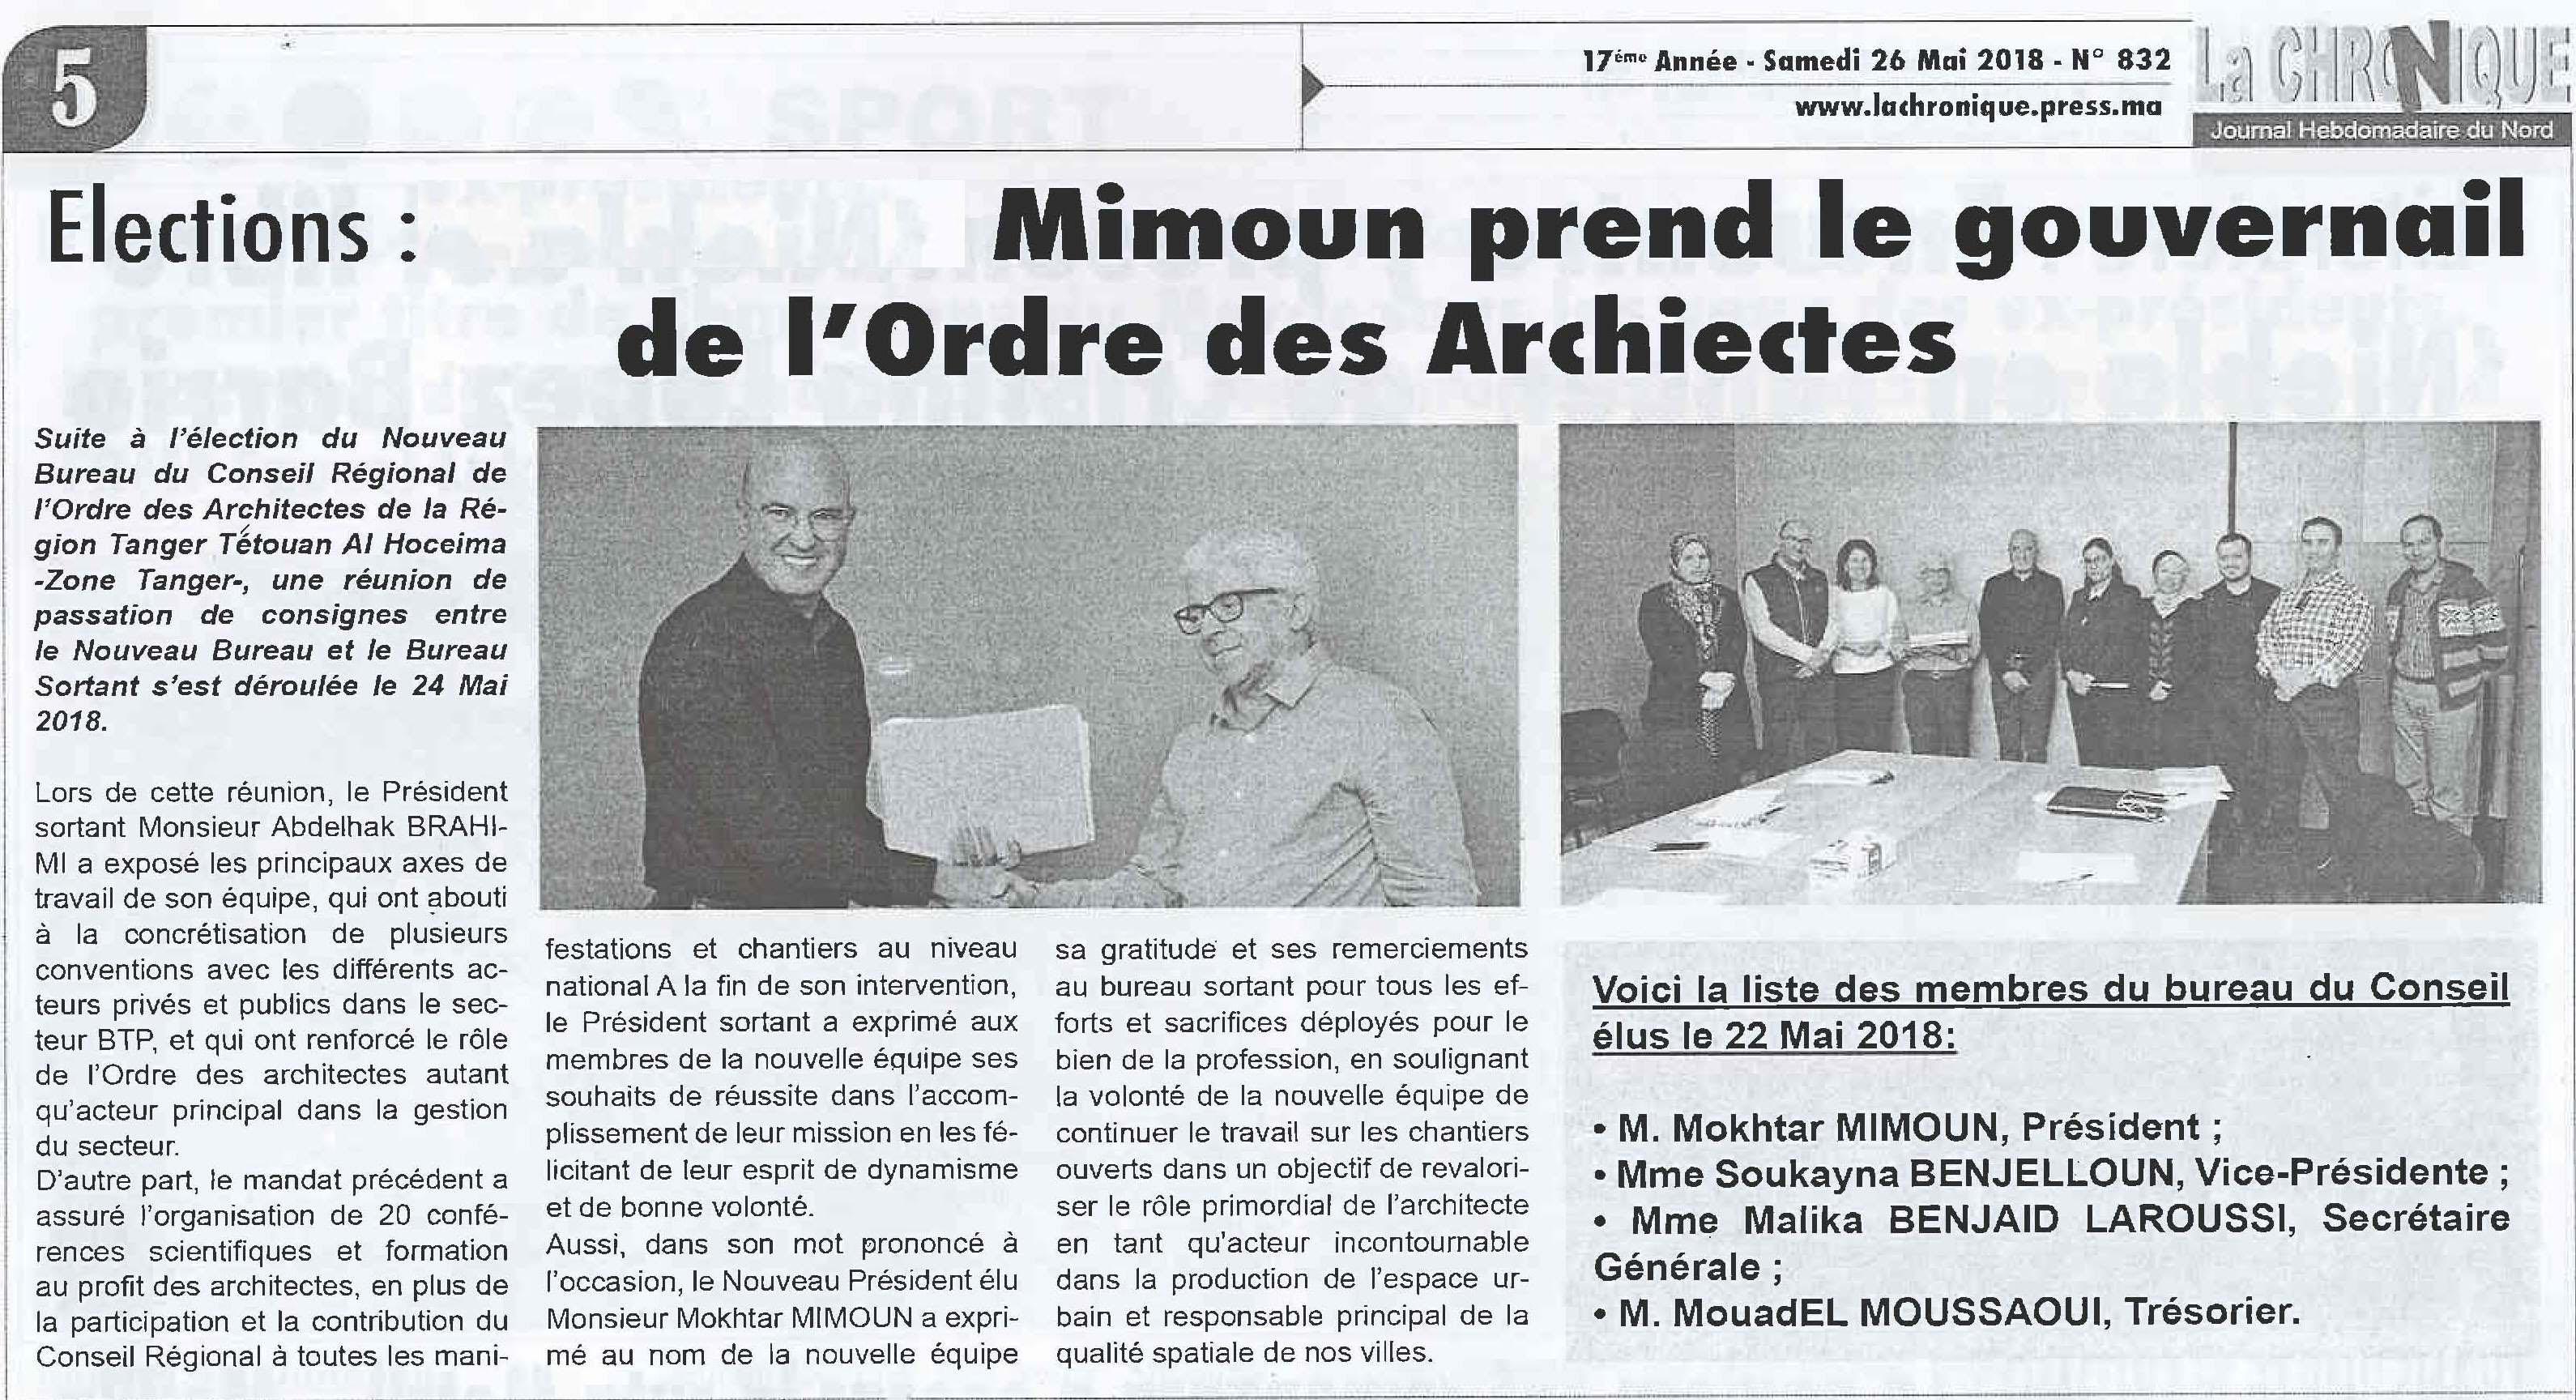 Liste Ordre Des Architectes publication, presse et événements – mokhtar mimoun